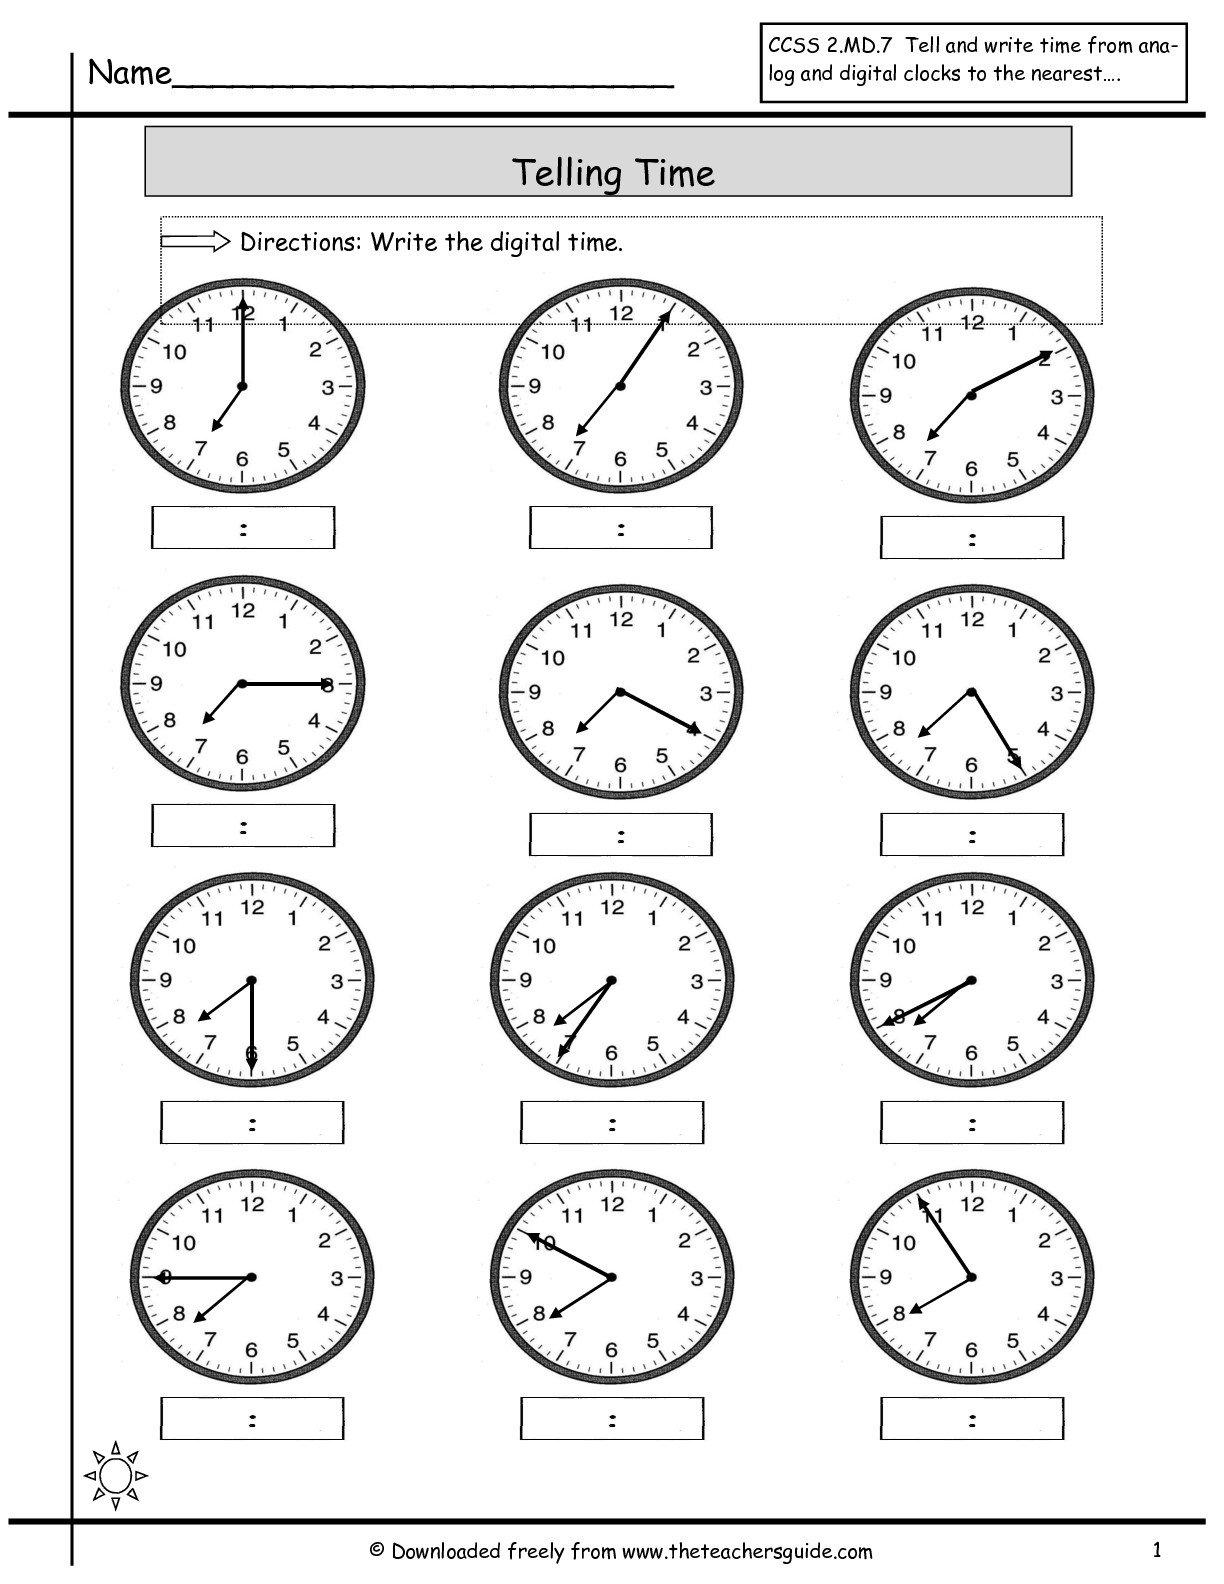 Telling Time Worksheet Grade 3 The Best Worksheets Image